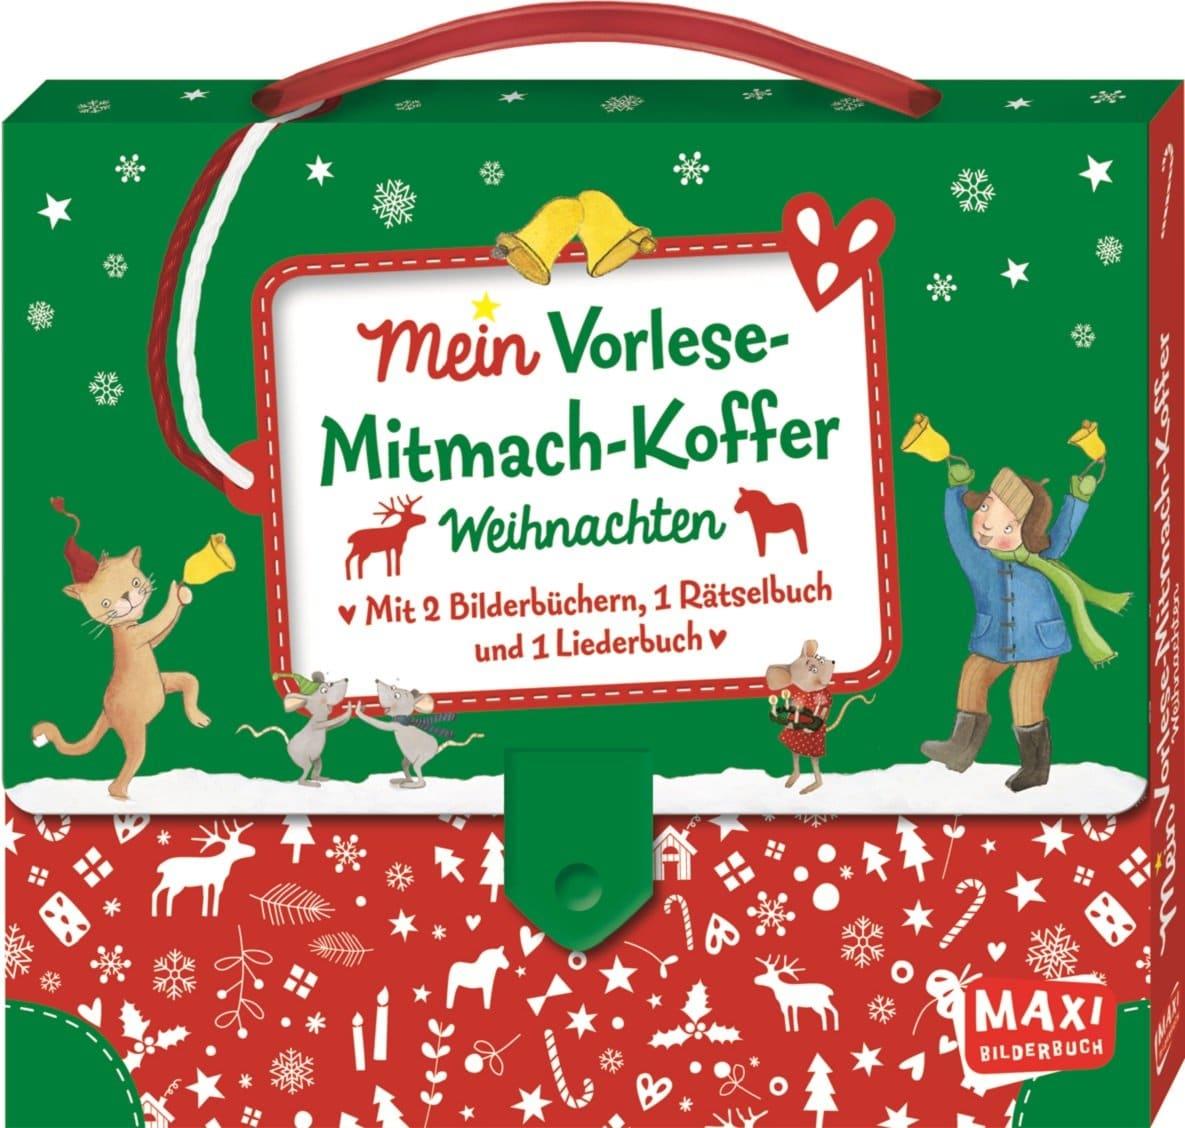 Mein Vorlese-Mitmach-Koffer: Weihnachten - Kinderbuchlesen.de